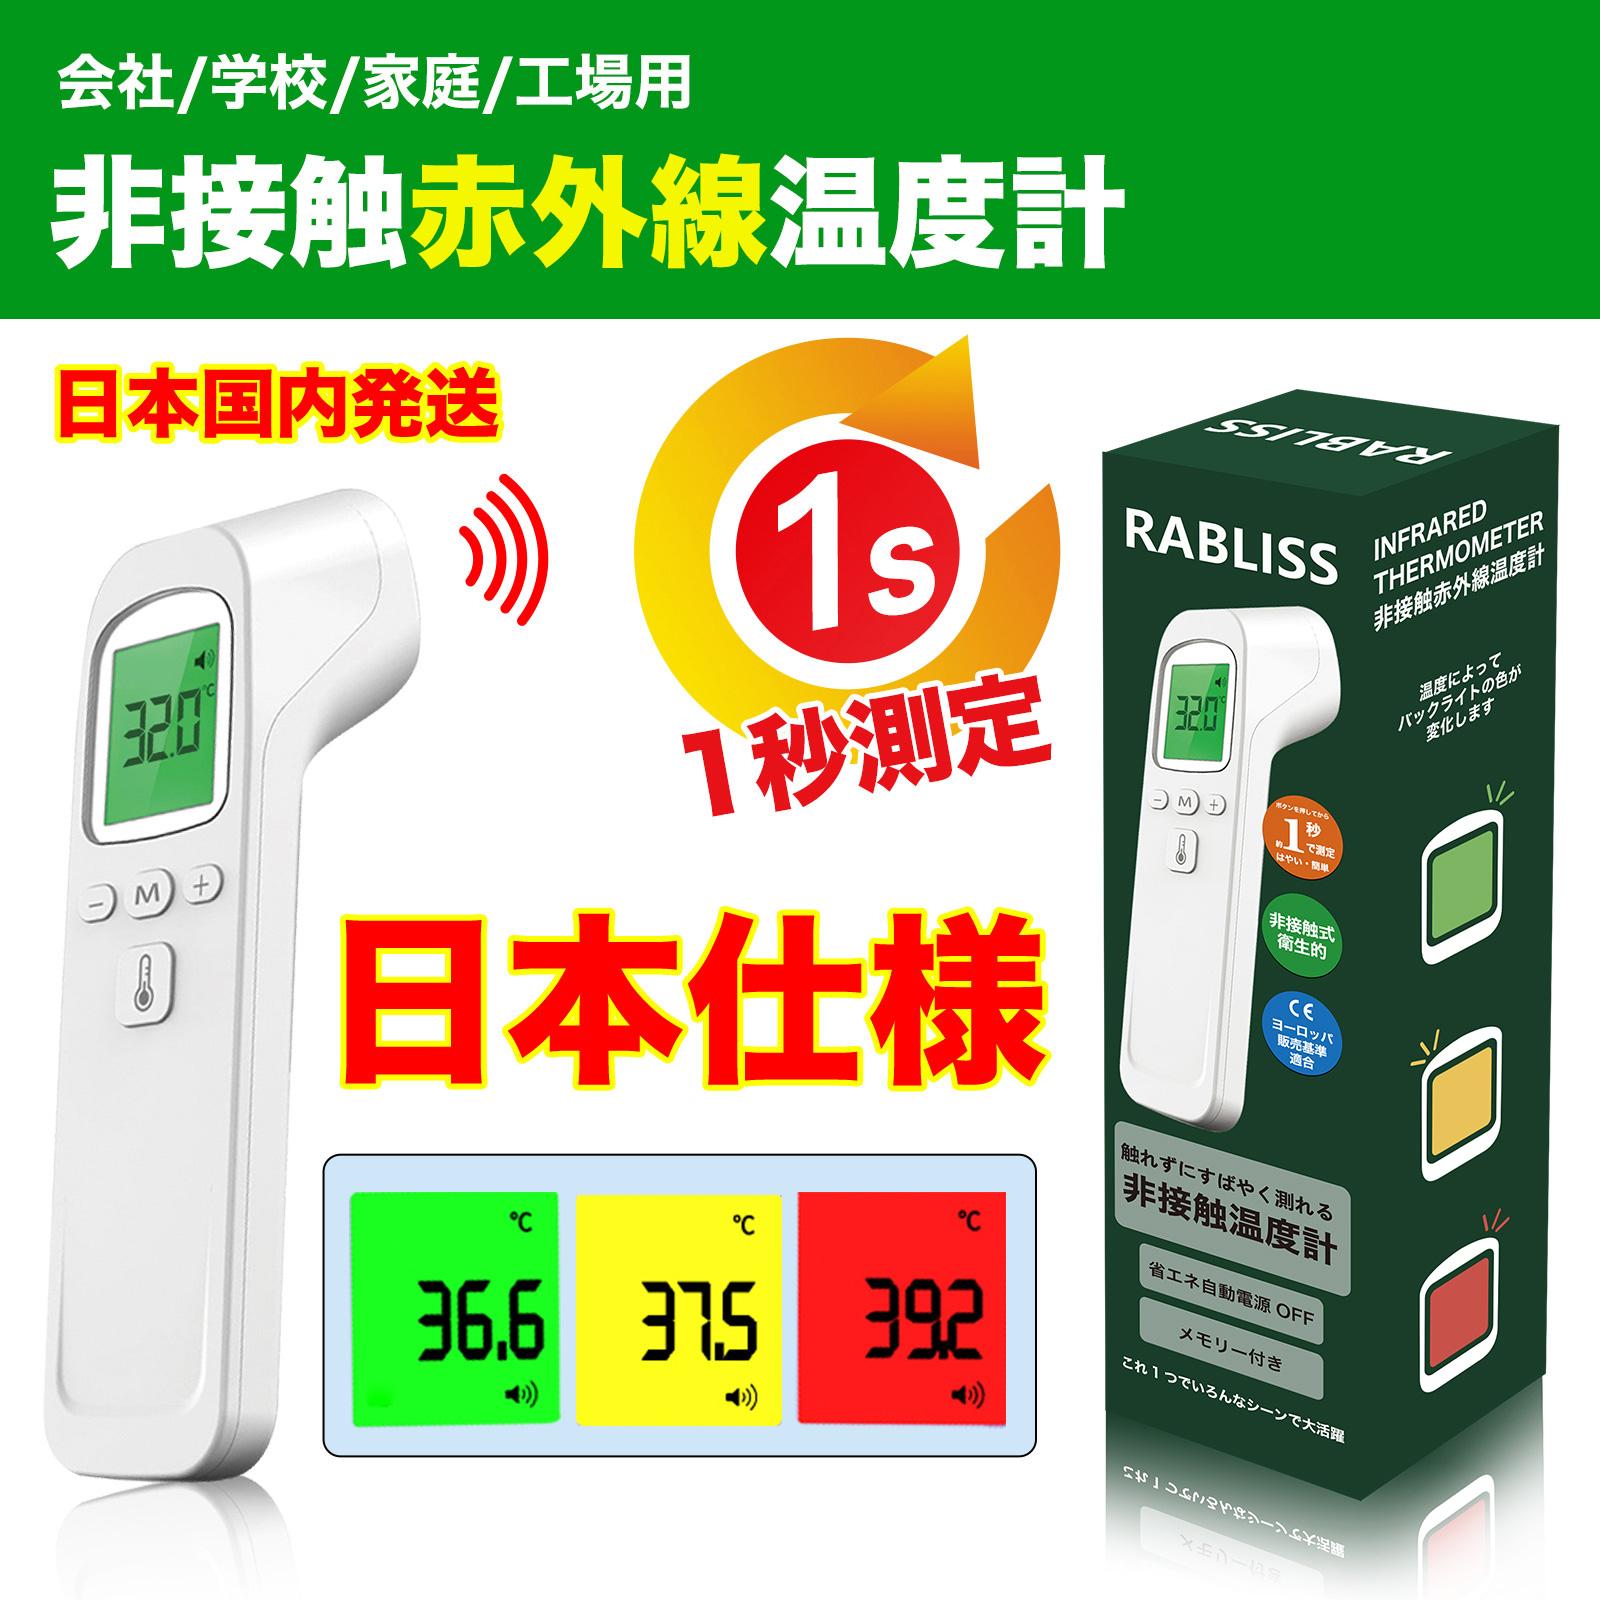 ★即納★ 2020年秋最新モデル RABLISS KO-133 WHITE 赤外線温度計 非接触式温度計 デジタル 高精度